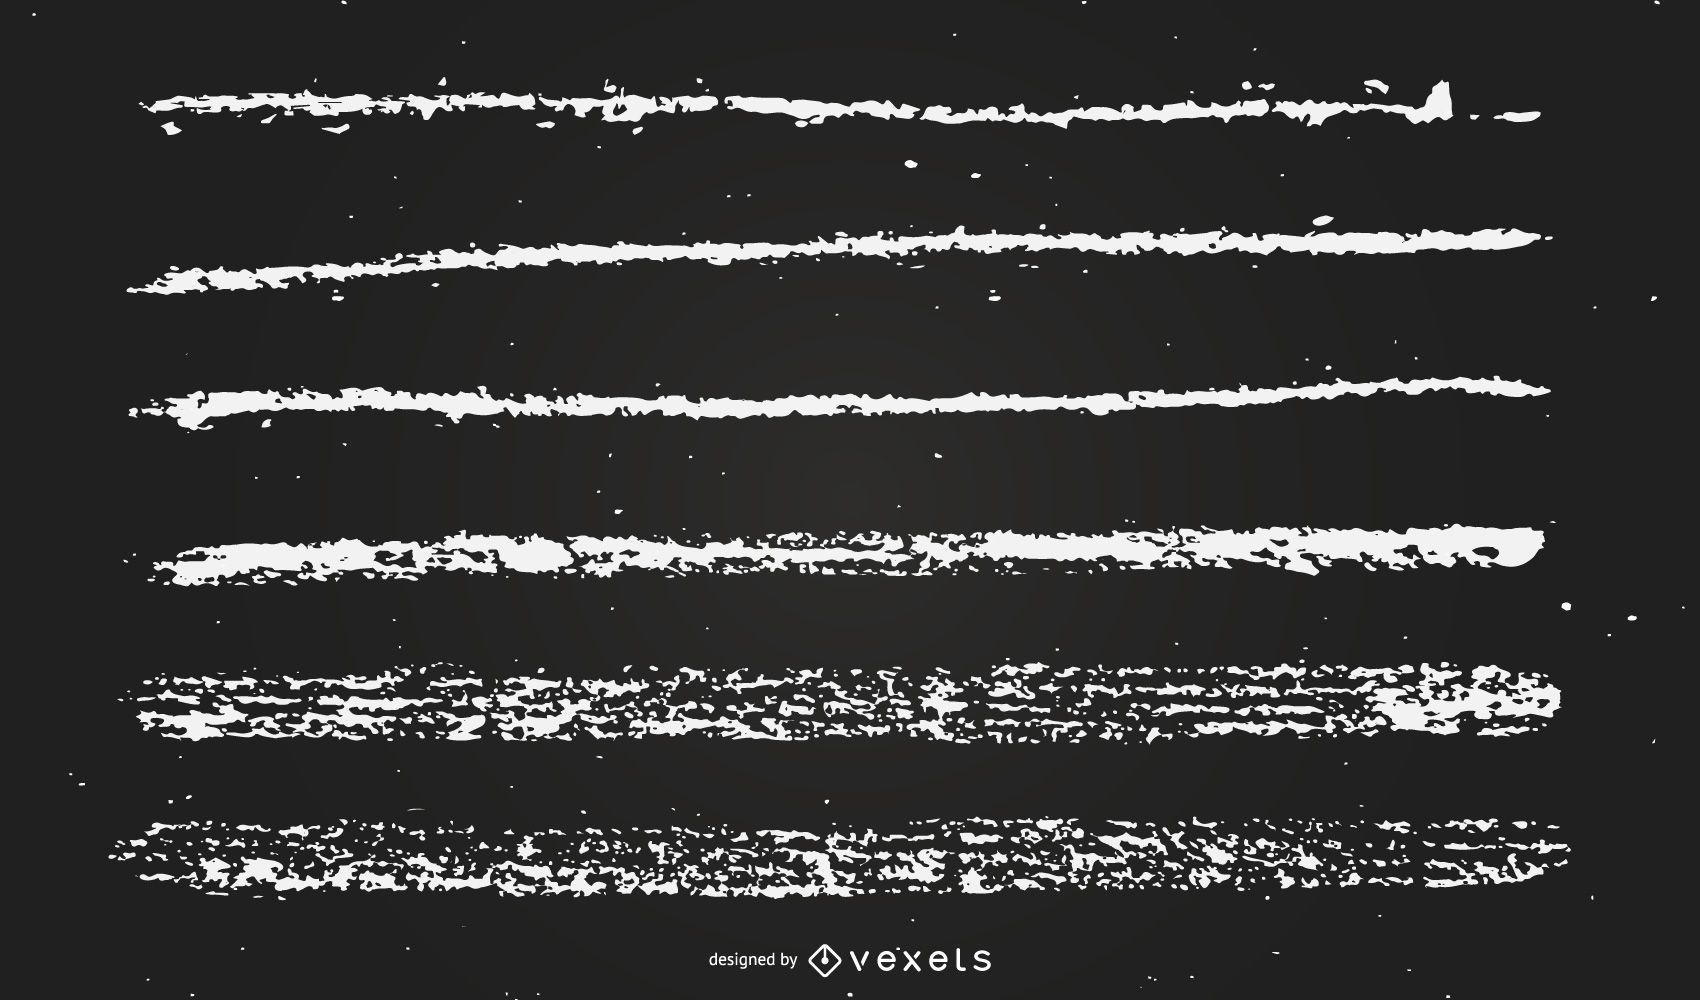 ilustración de líneas de tiza